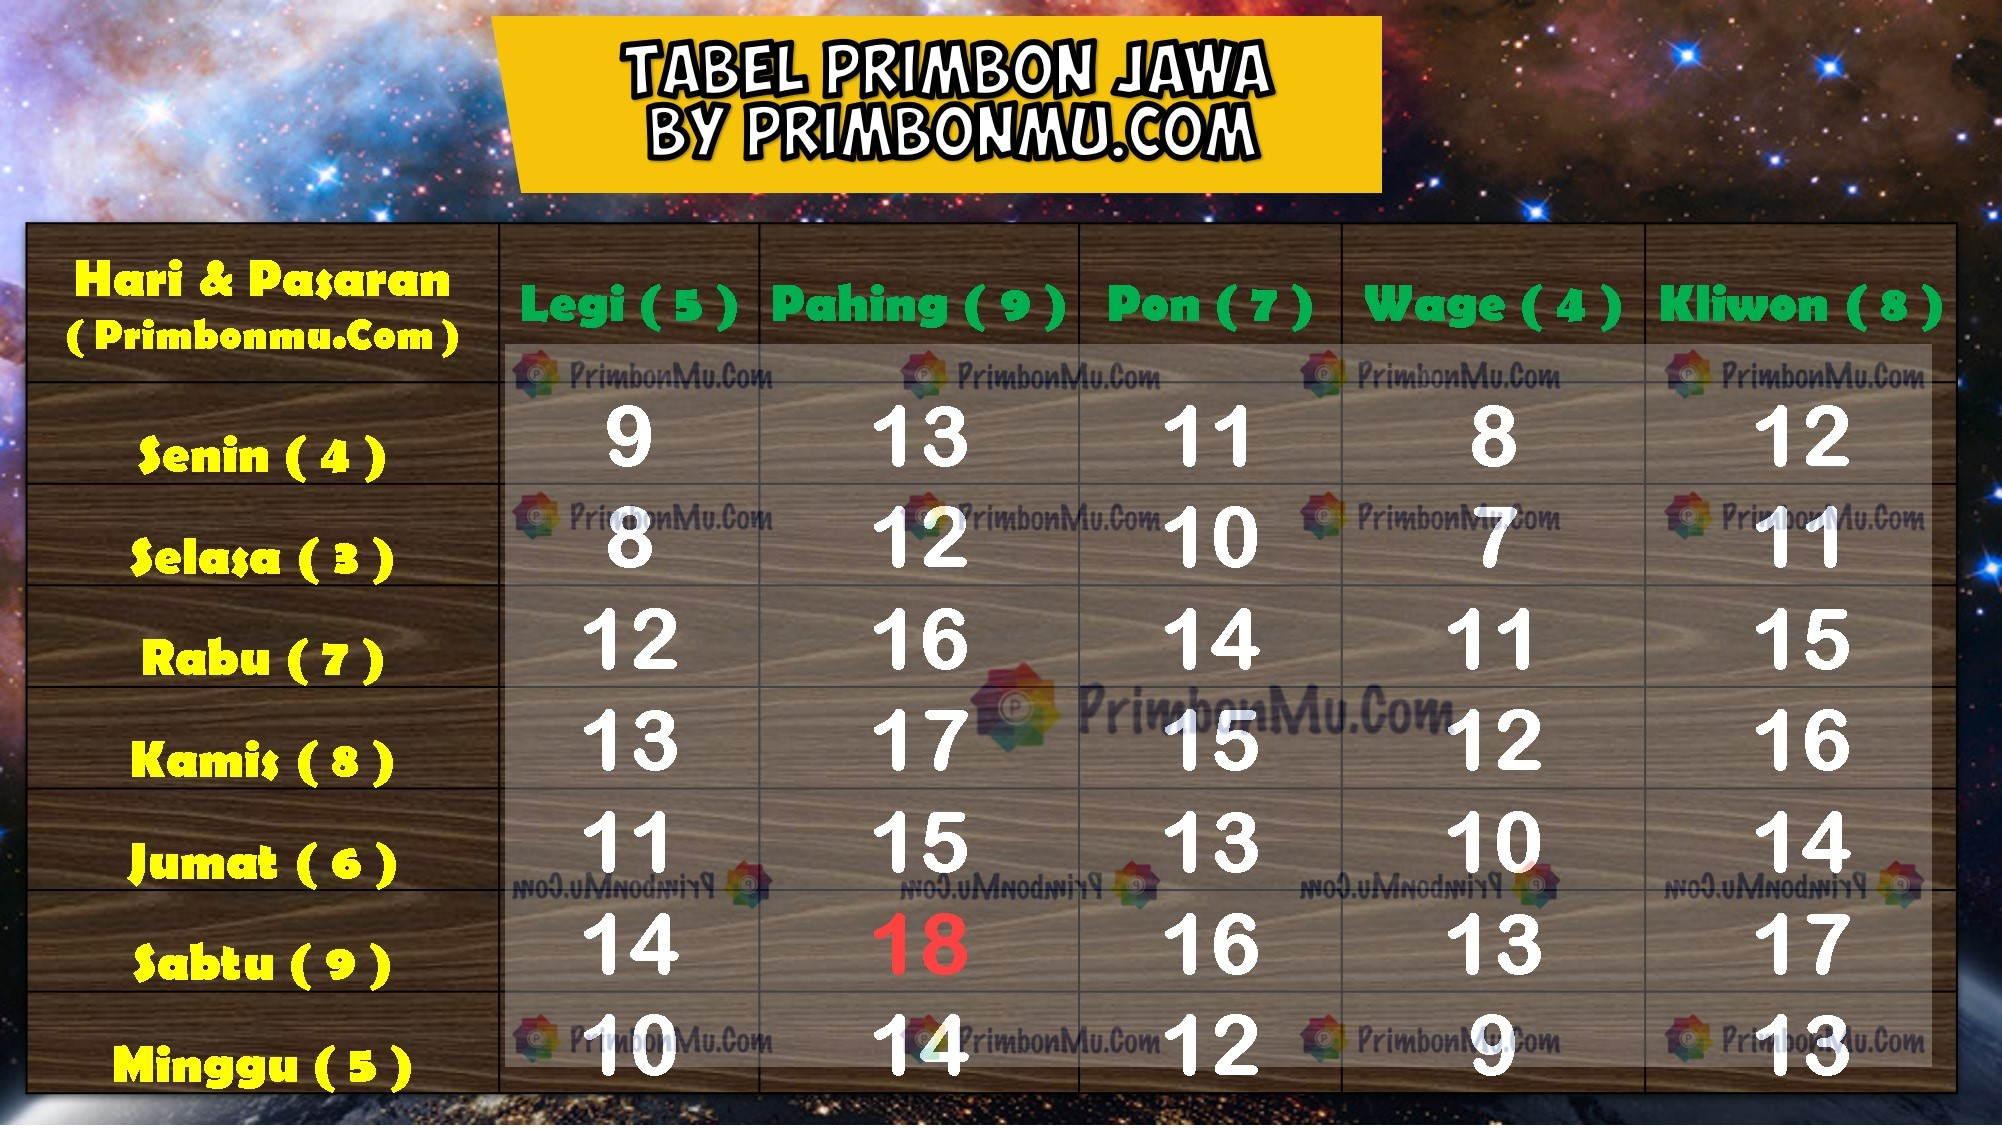 Tabel Jumlah Neptu Primbon Jawa dan hari pasaran